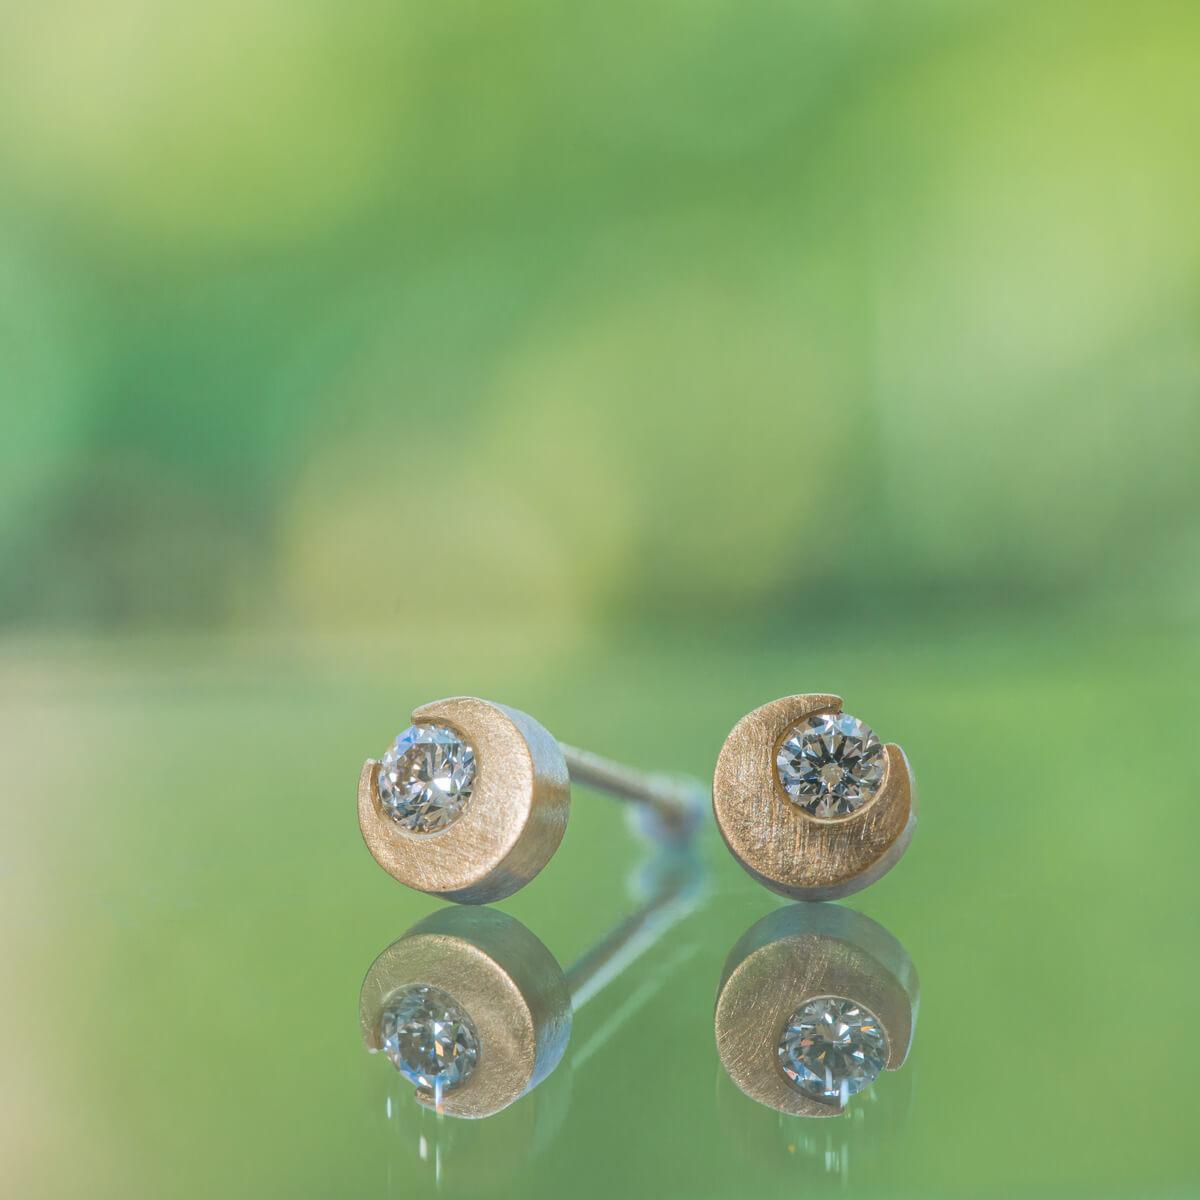 屋久島の緑バック オーダーメイドピアス  屋久島の月モチーフ ダイヤモンド、ゴールド 屋久島でつくるジュエリー